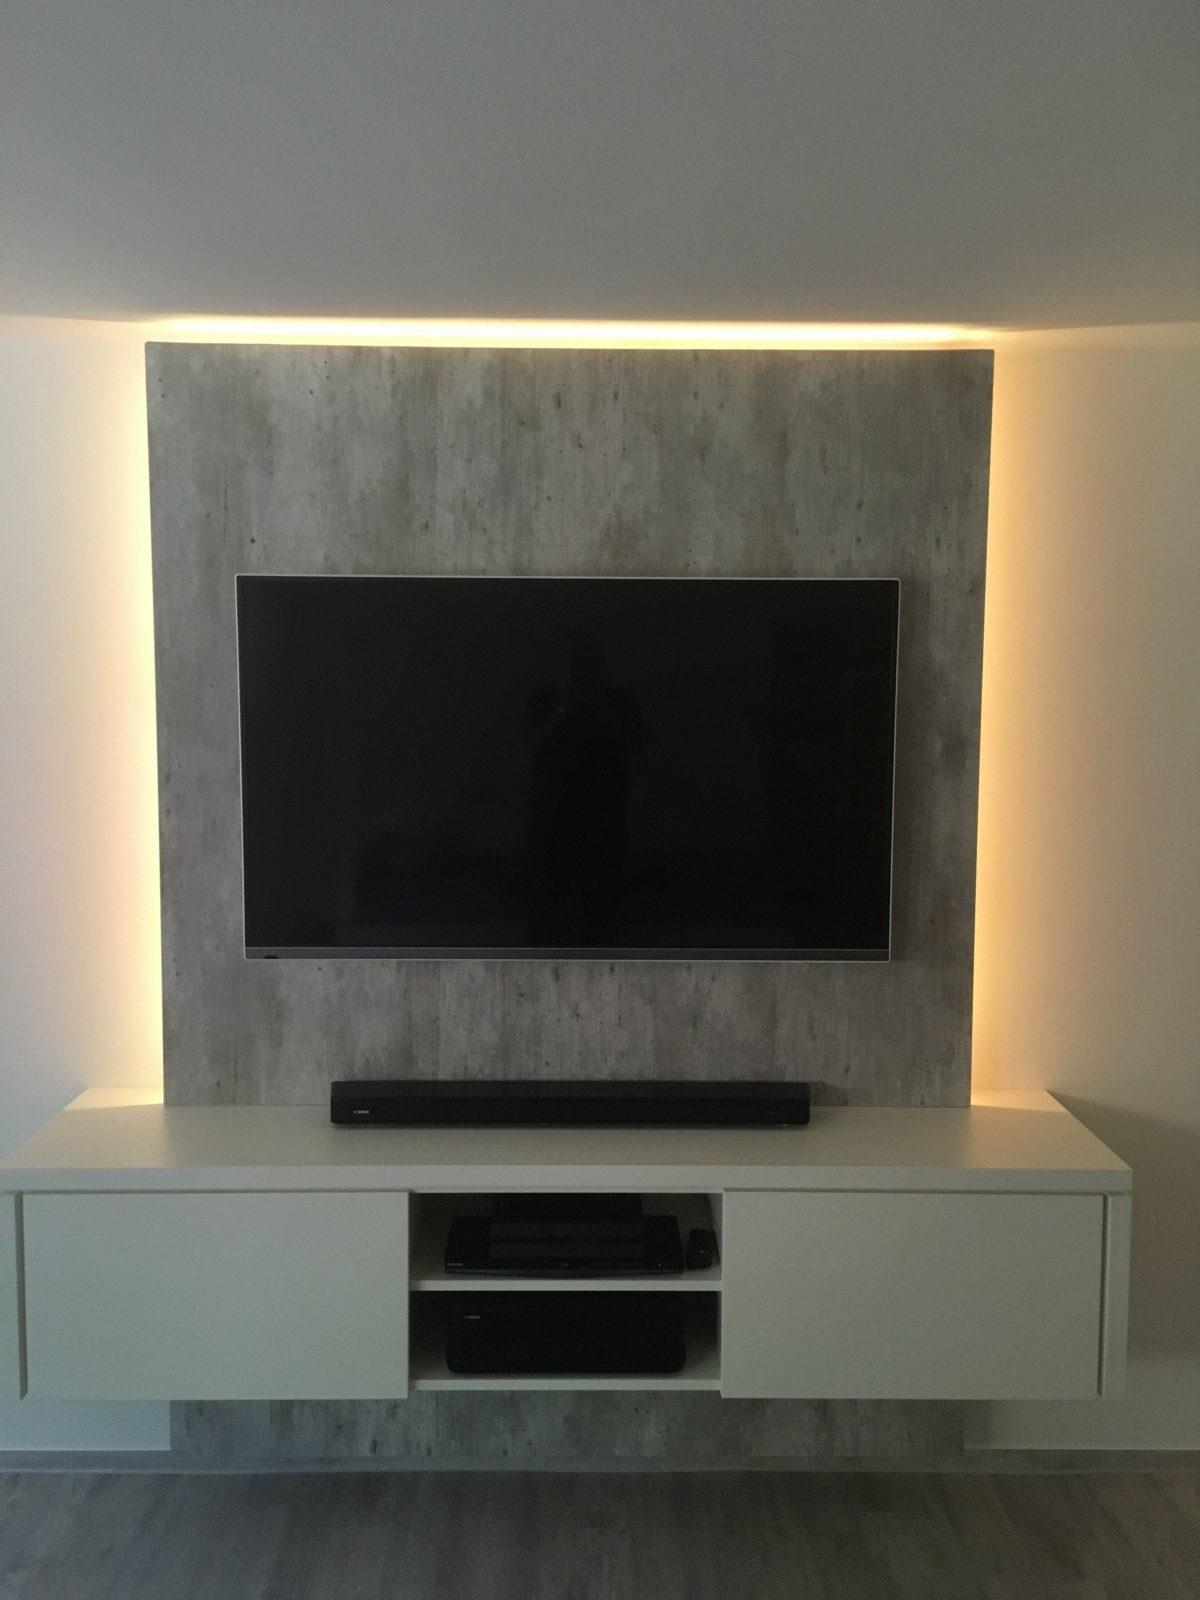 Tvwand In Gelungener Kombination Angesagte Betonoptik Und Vanille von Fernseher Wand Selber Bauen Bild